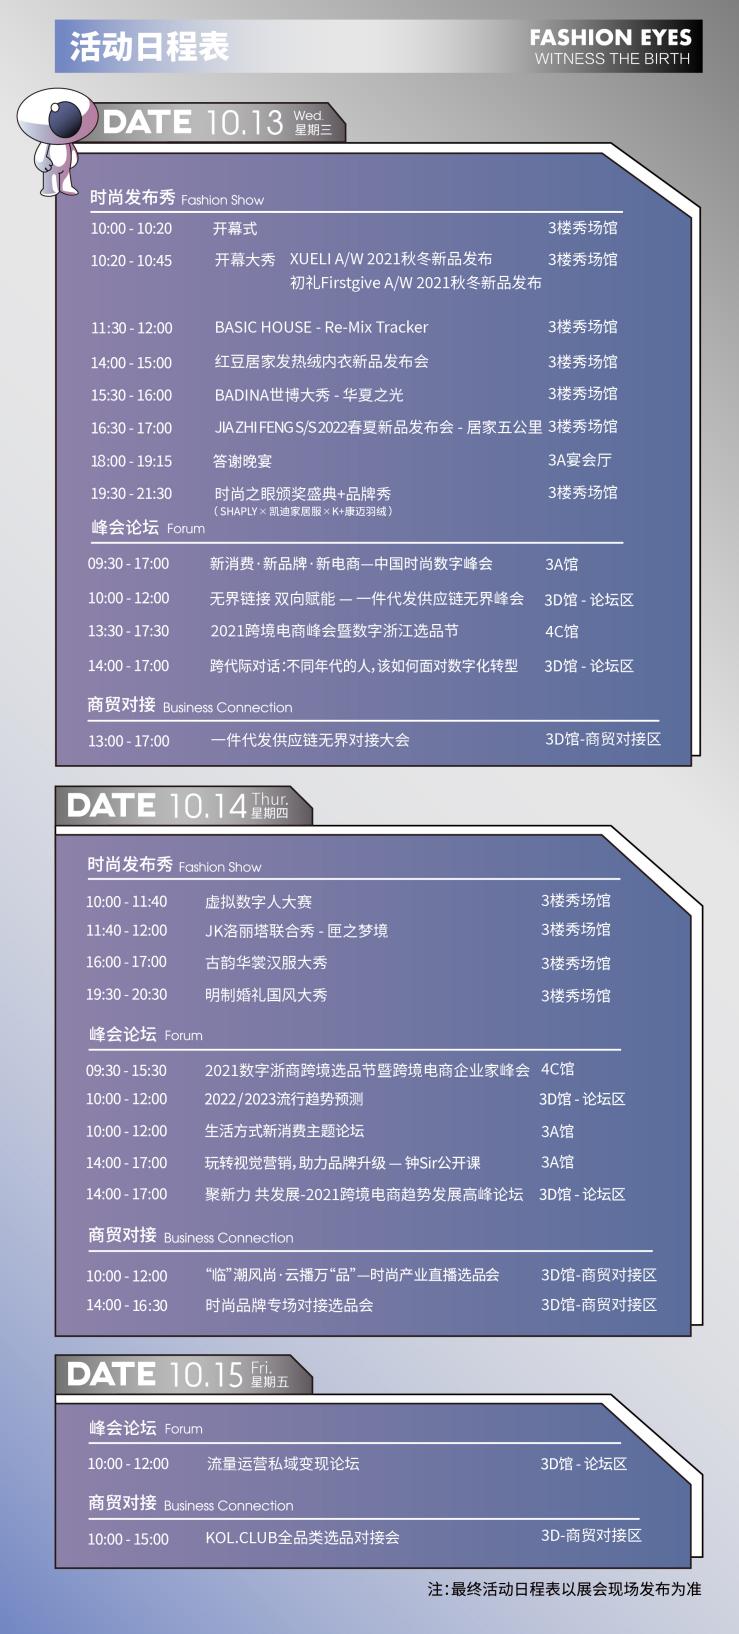 10��13��-15�� 涓��姐����宸����跺�浜т��板��璐告����瑙�浼���骞��ㄥ�筹�